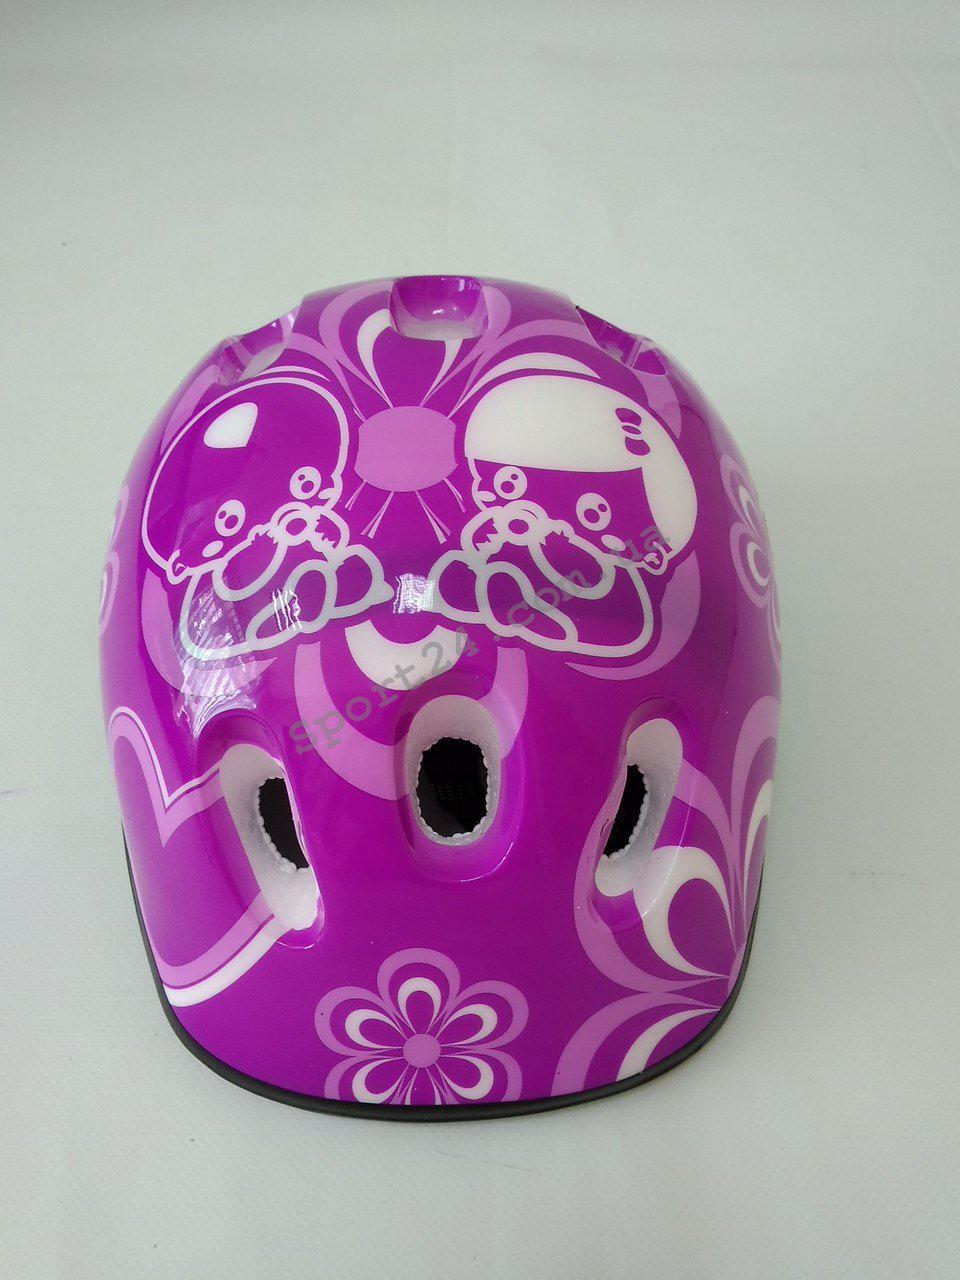 Защитный шлем для детей Baby, фиолетовый